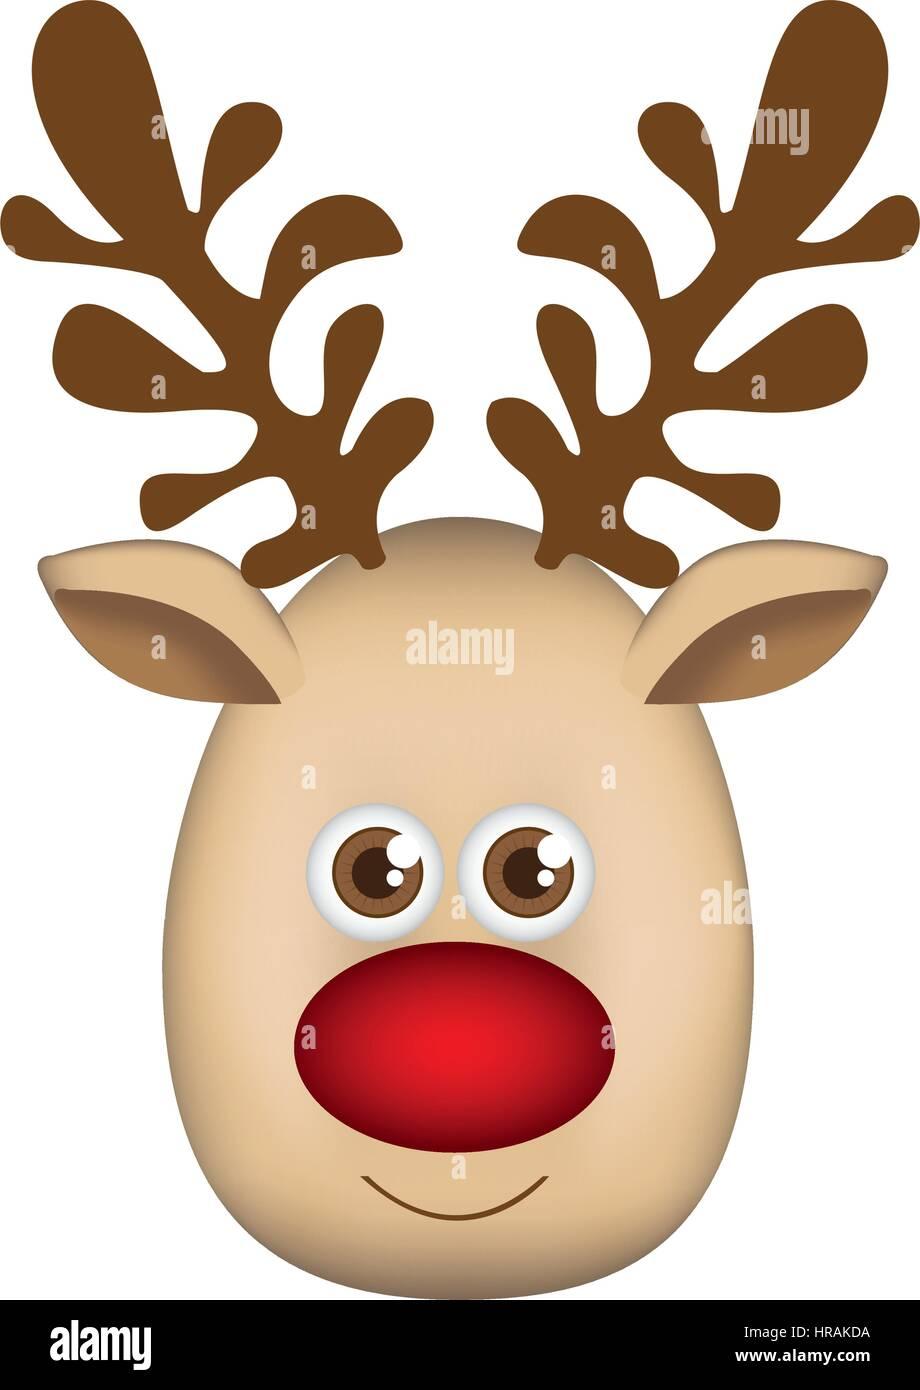 acaa45ce0a1 colorful cartoon cute face reindeer animal - Stock Vector